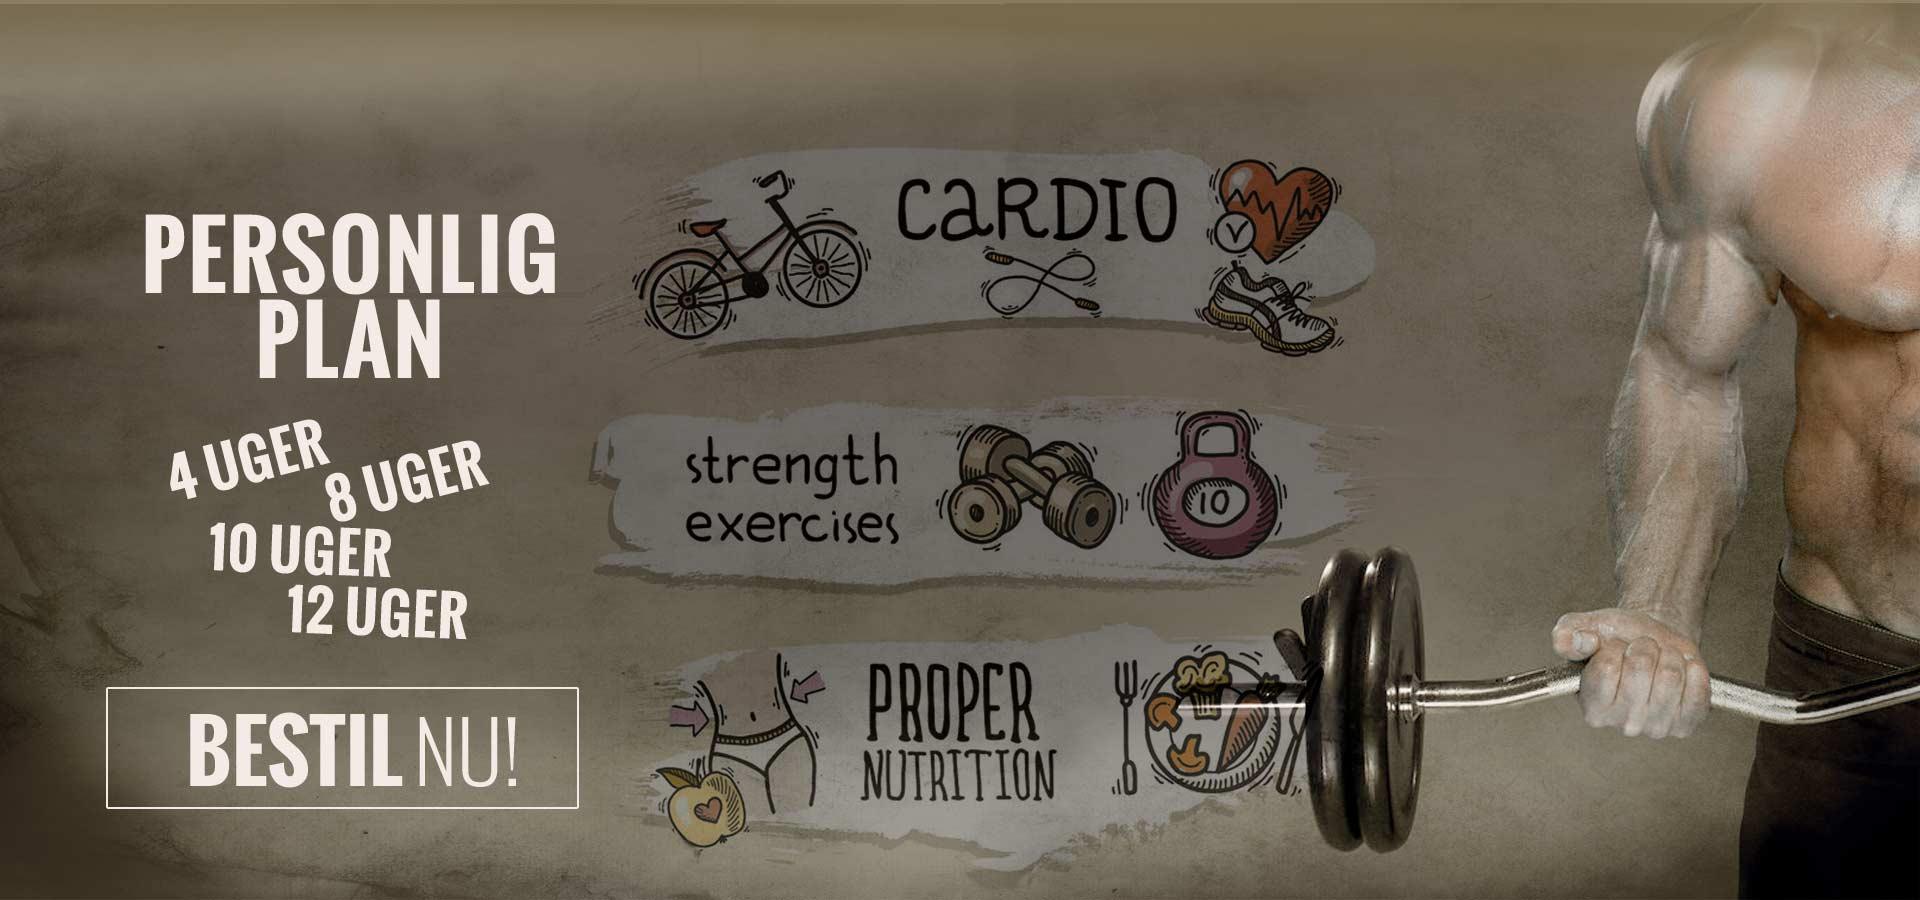 Personlig fitness plan - 4 - 12 uger